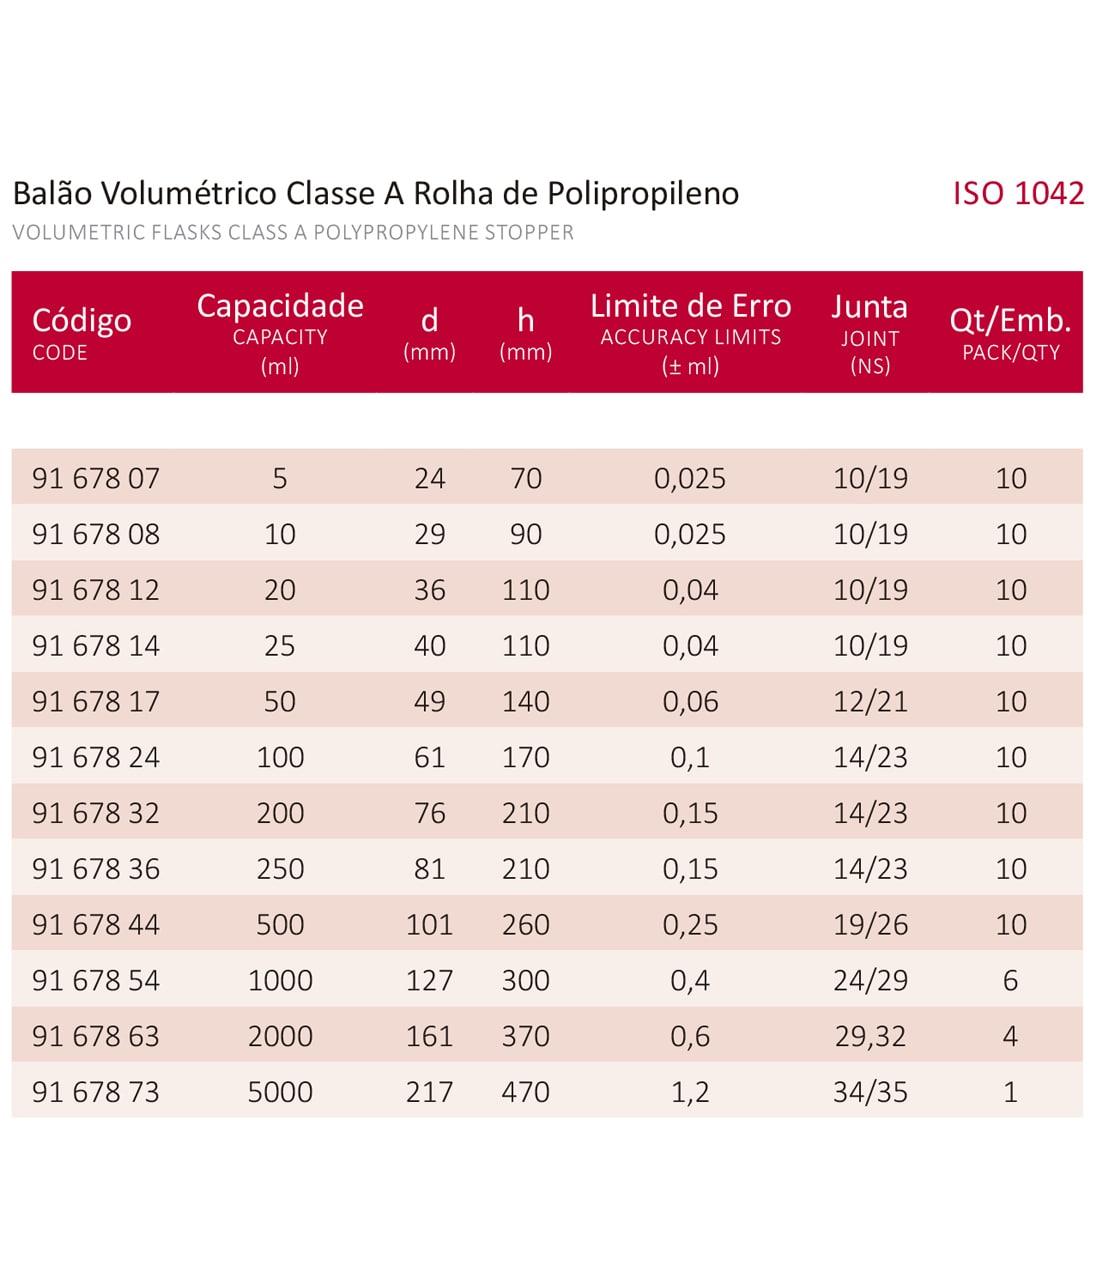 BALÃO VOLUMÉTRICO CLASSE A ROLHA POLI C/ CERTIFICADO RASTREÁVEL 500 ML - Marca Laborglas - Cód. 9167844-C